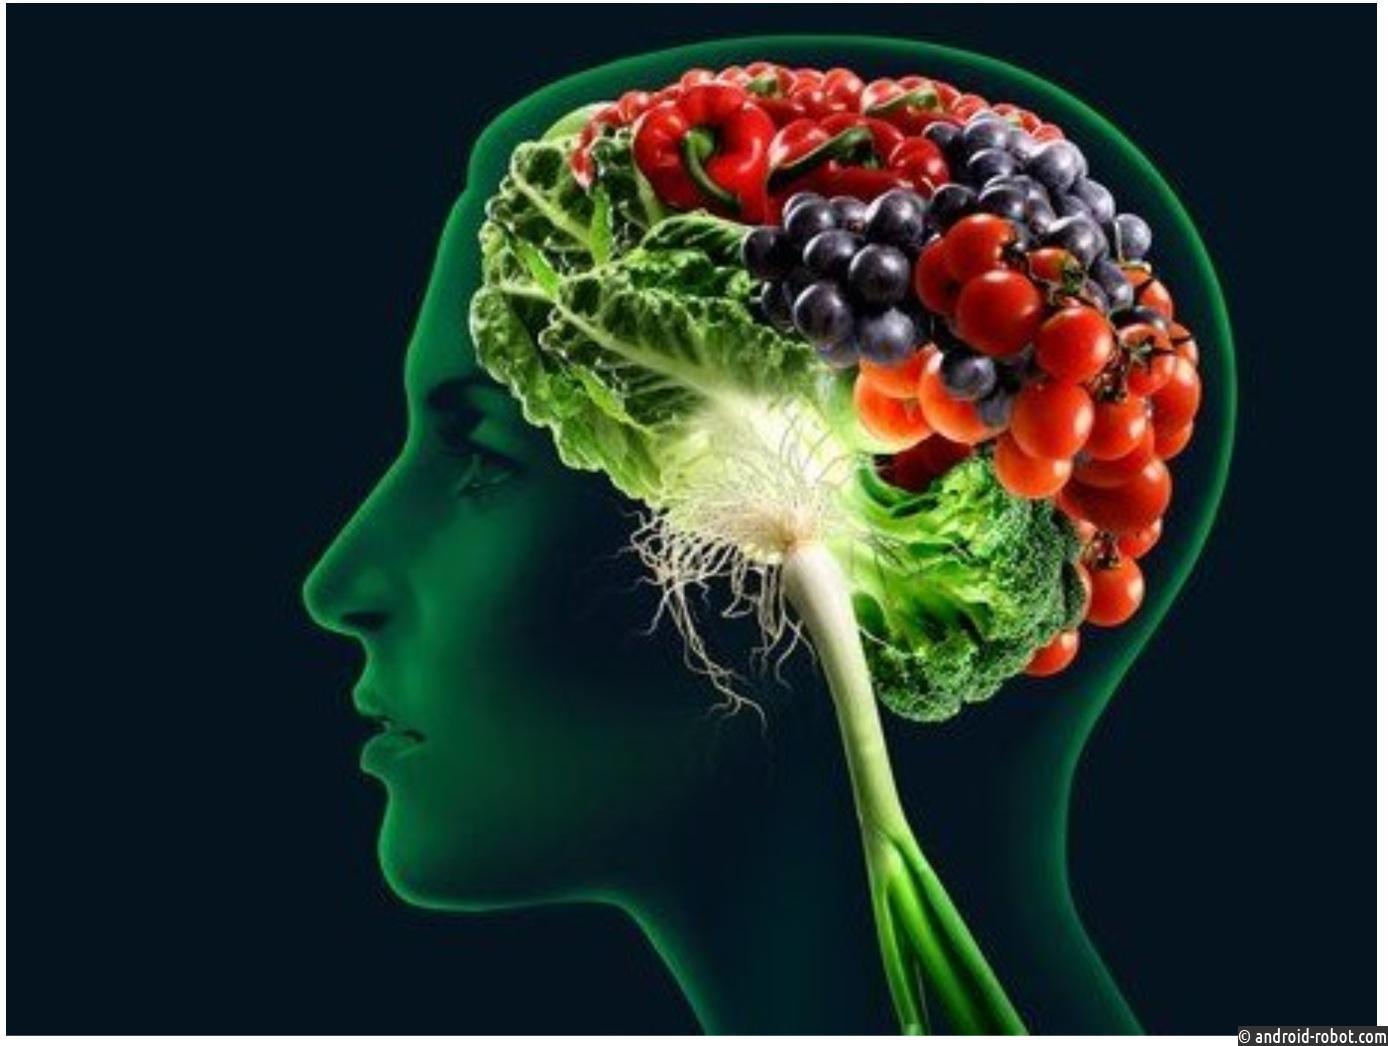 активность мозга скачеством питьевой воды